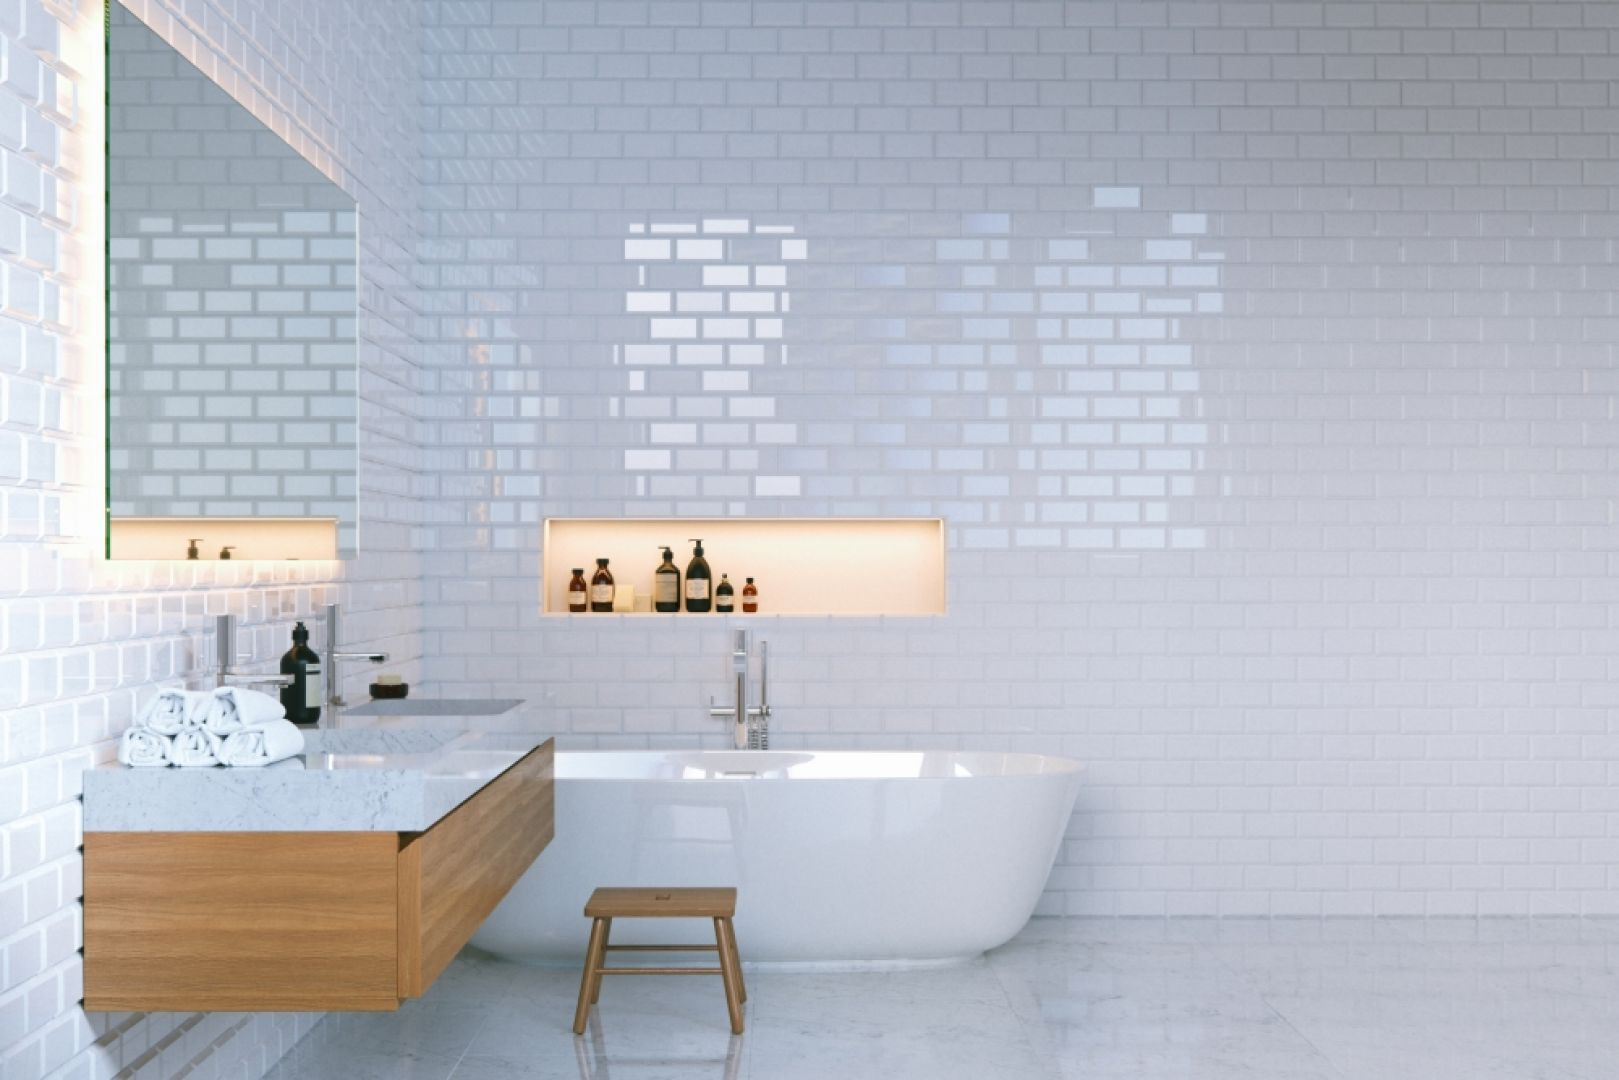 Postaw na łatwe w utrzymaniu i trwałe materiały wykończeniowe. Fot. 123rf.com